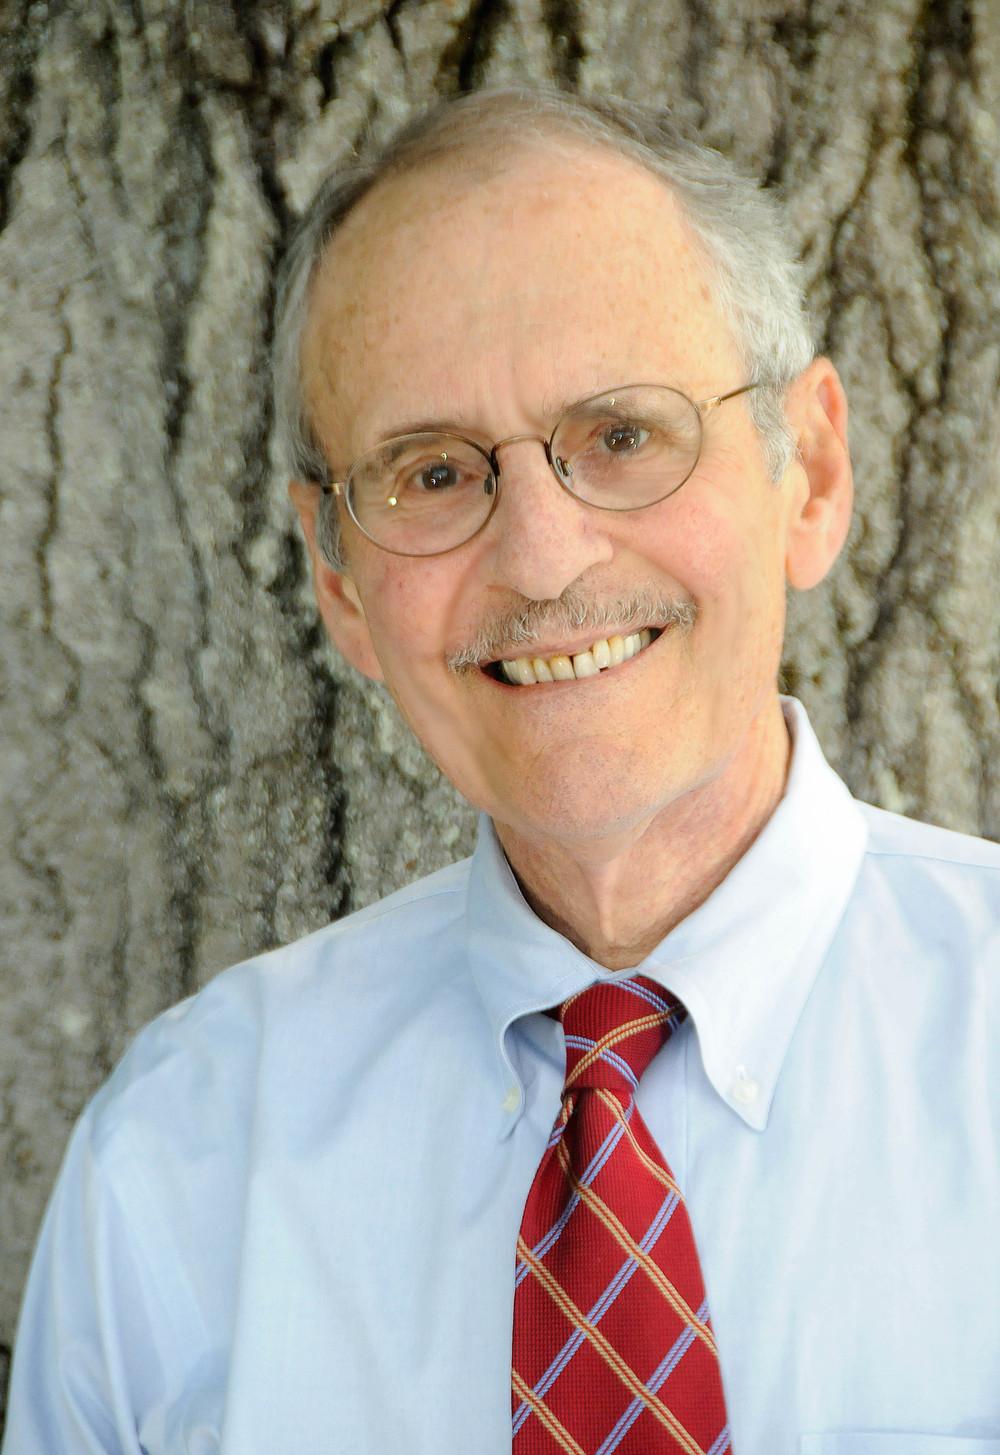 Charles J. Seigel, MD, FACOG